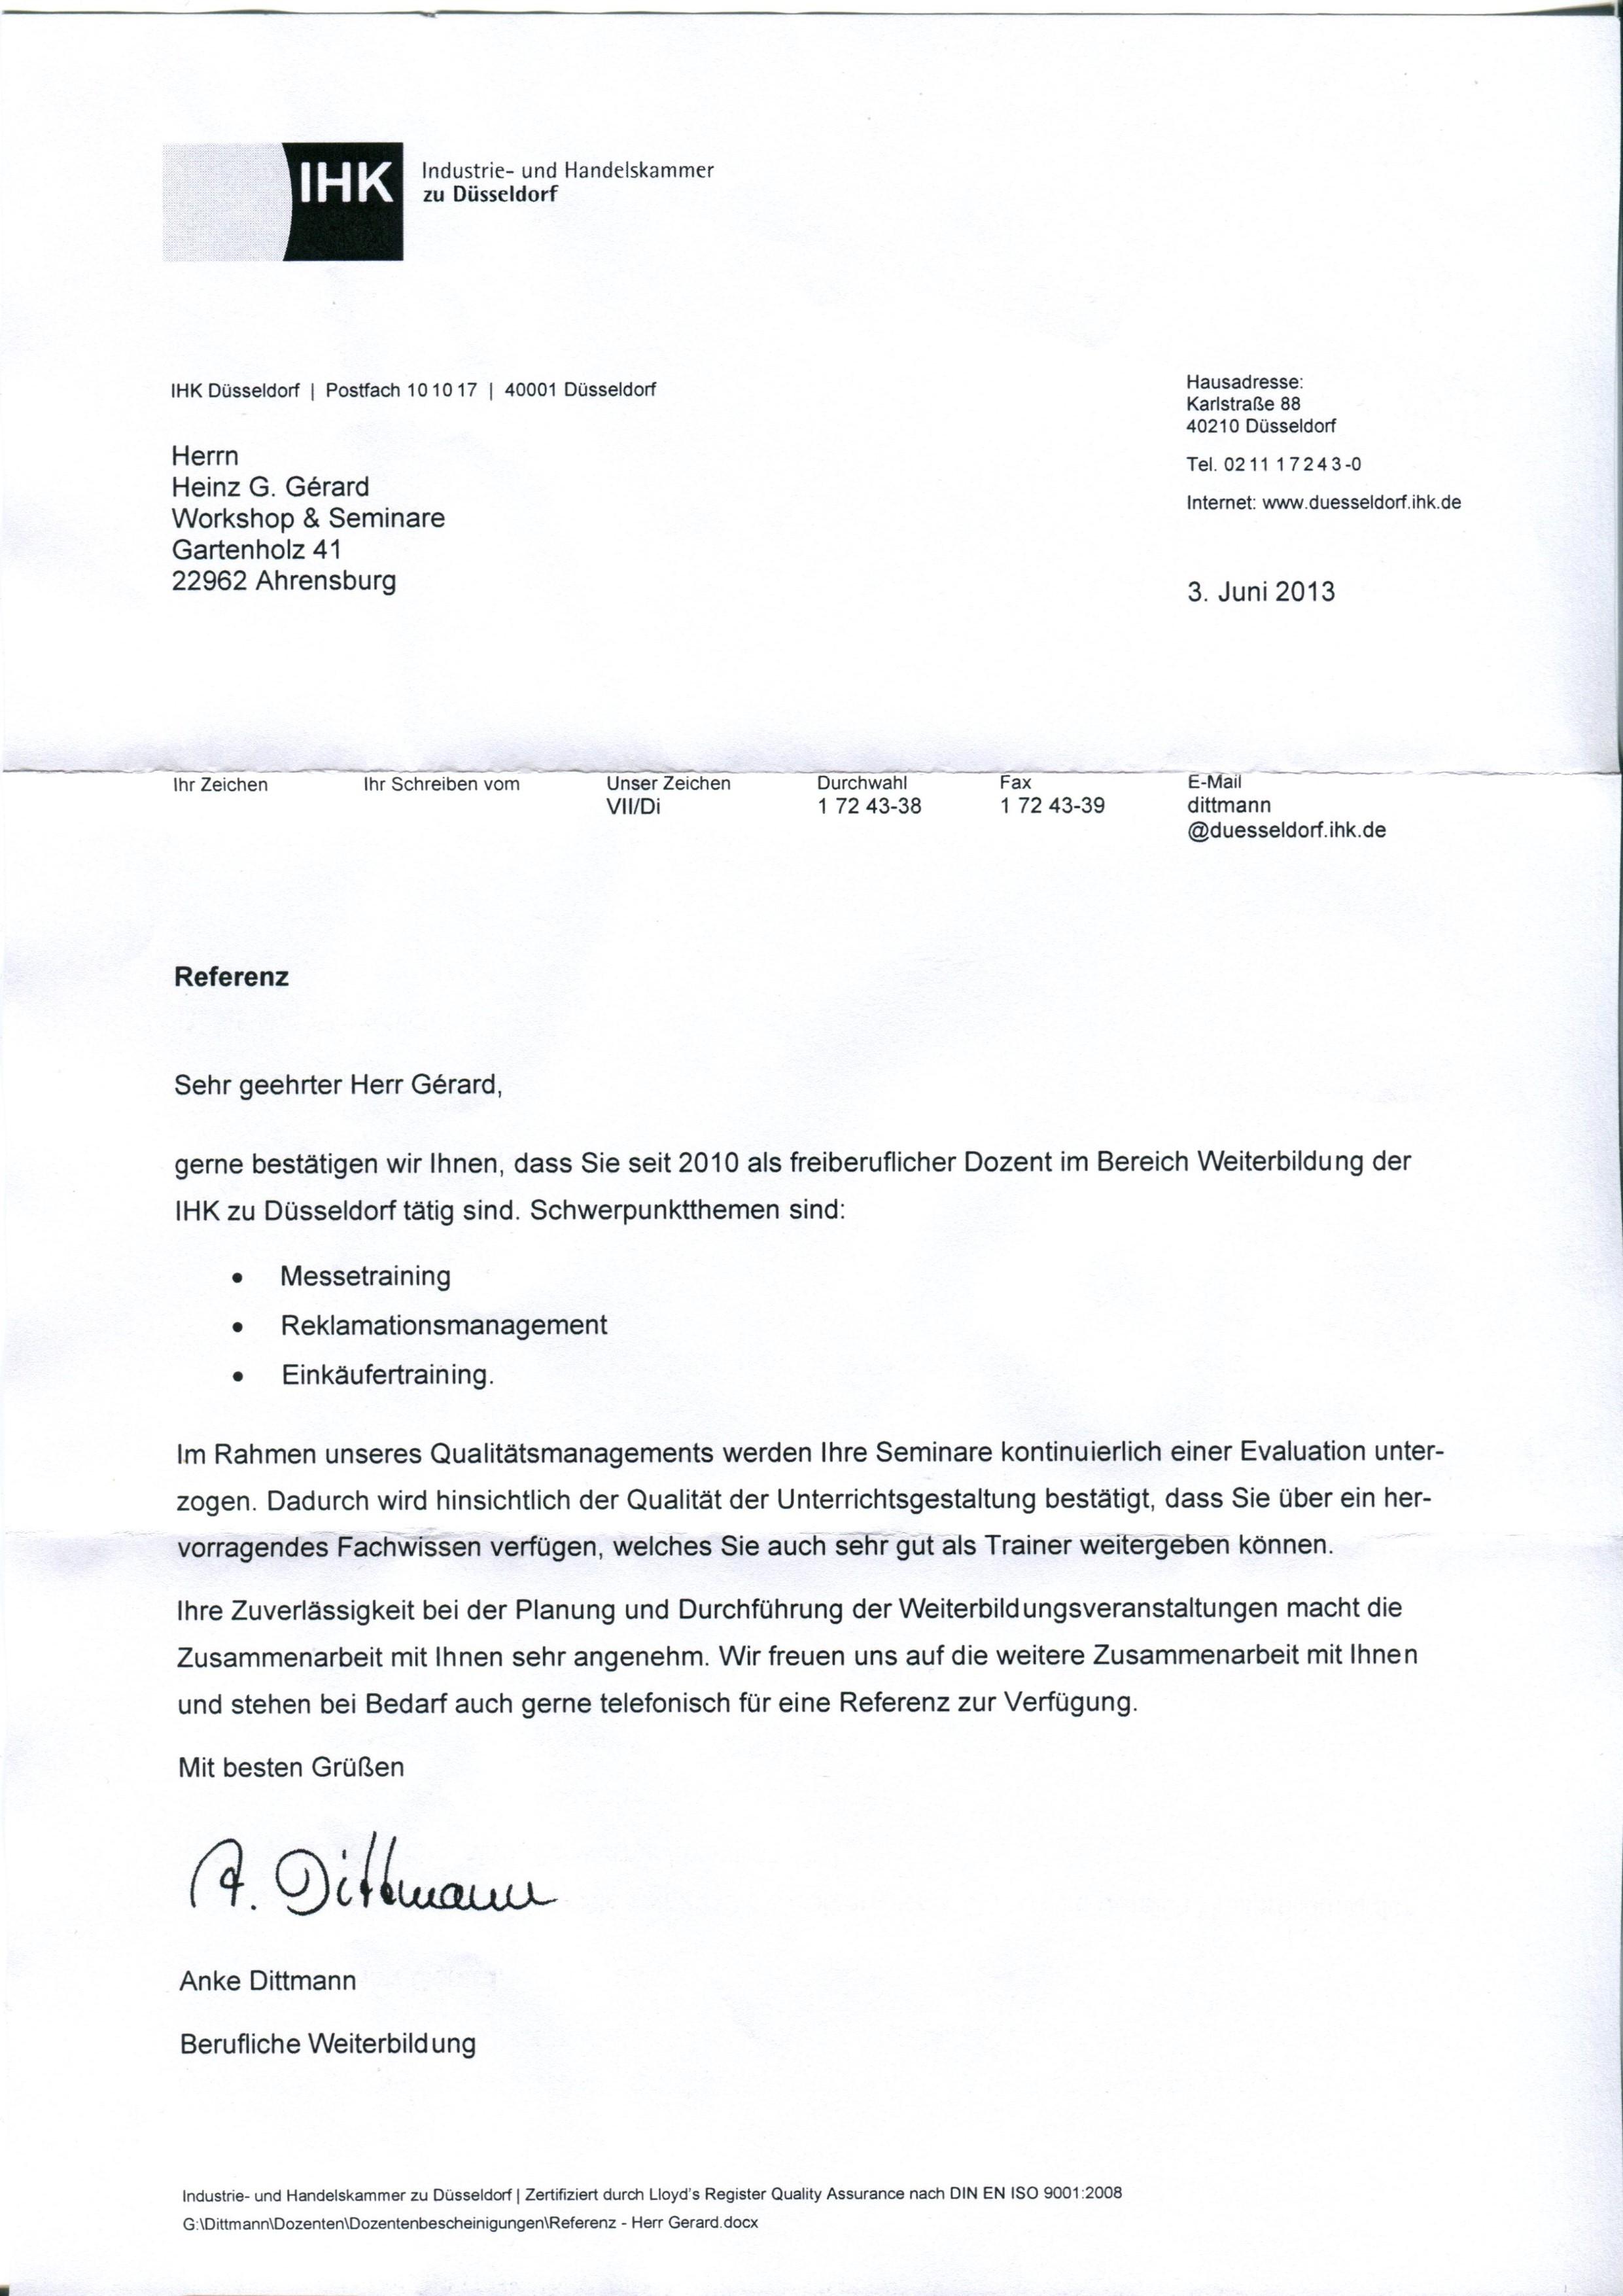 empfehlungsschreiben workshops seminare de - empfehlungsschreiben ...